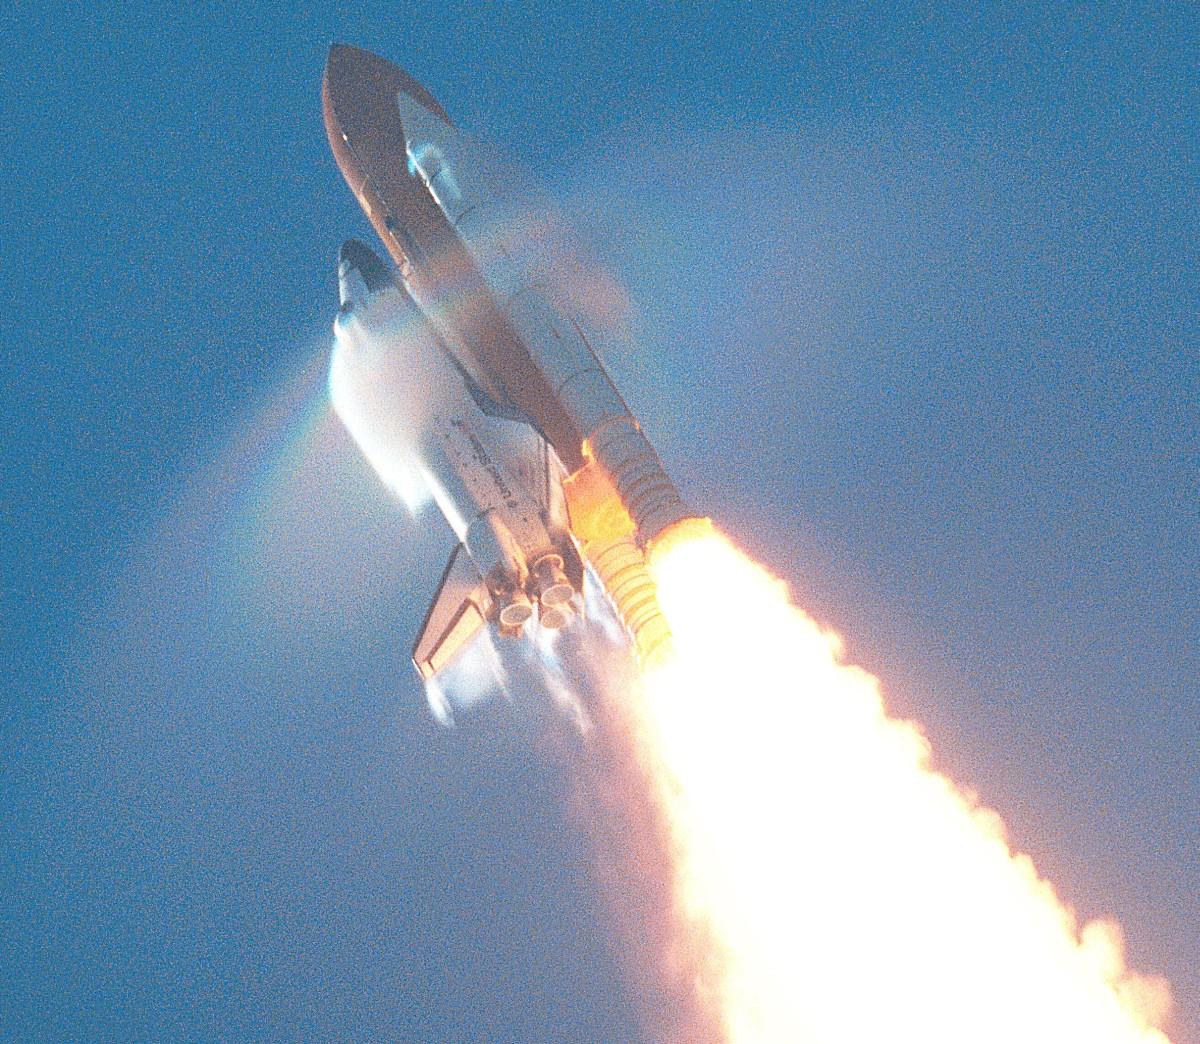 Shuttle_atlantis_launching_breaking_sound_barrier.jpg